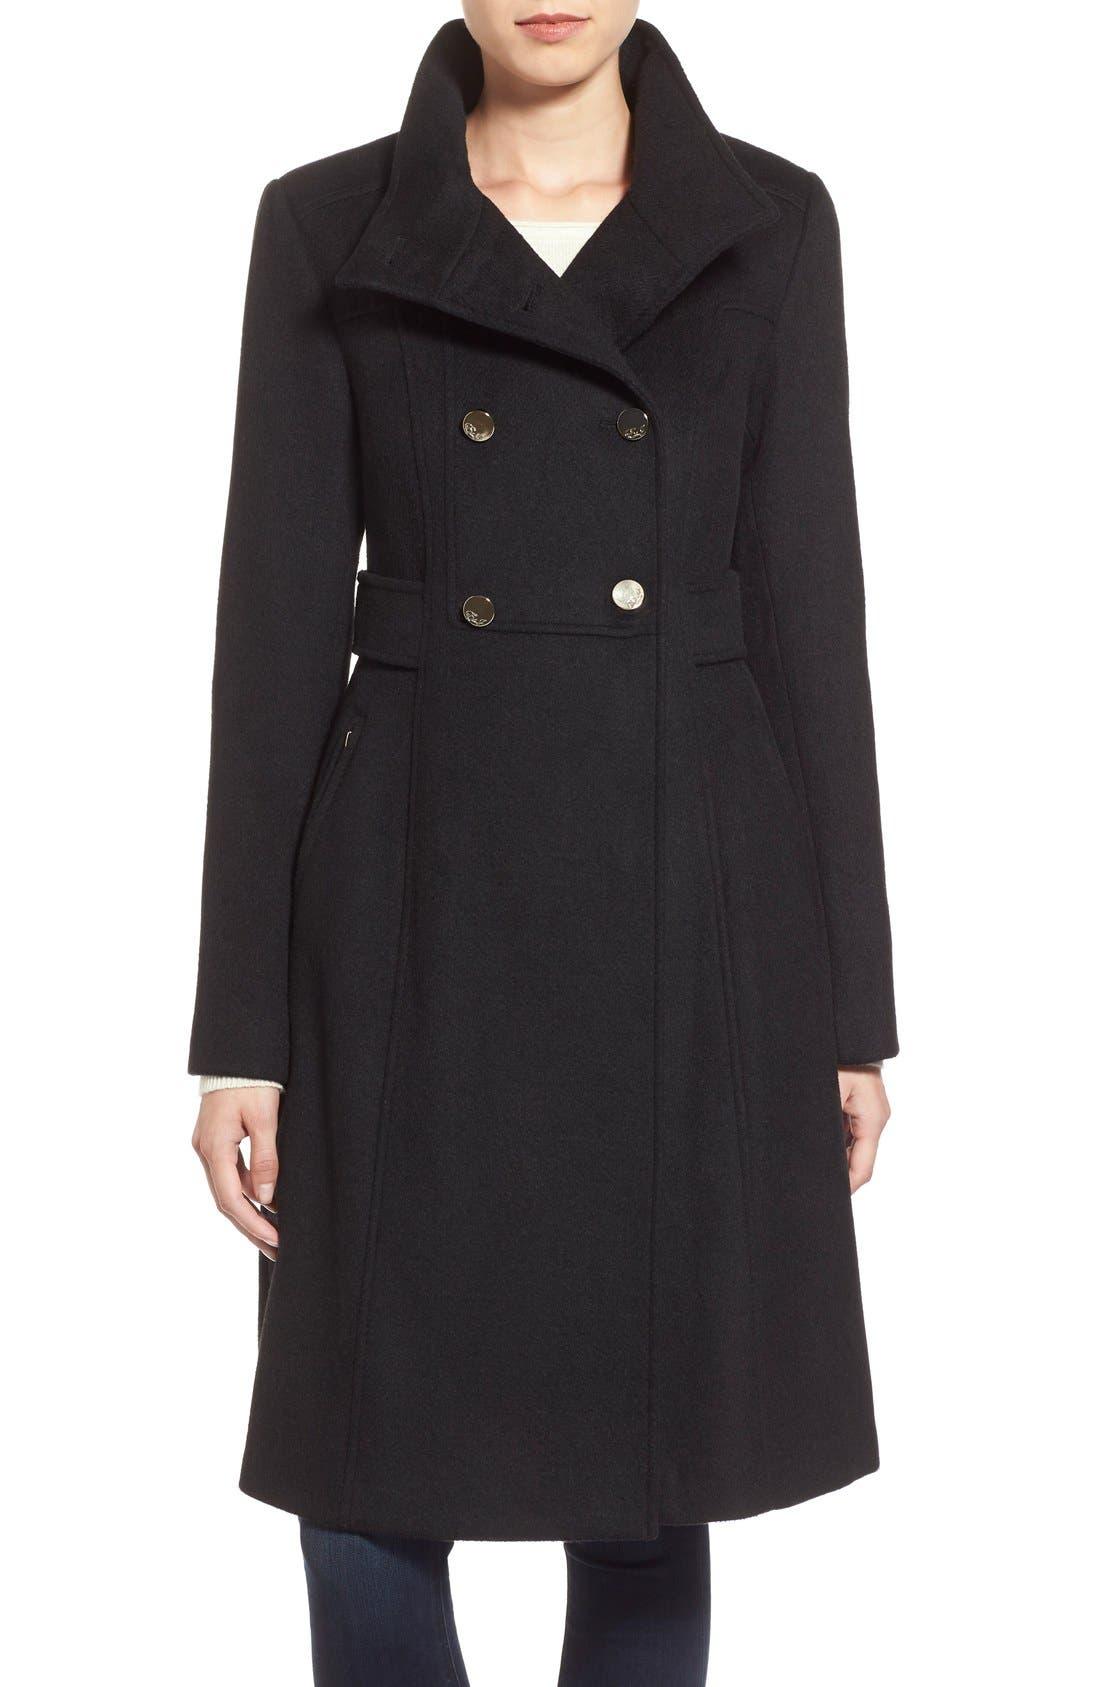 Main Image - Eliza J Wool Blend Long Military Coat (Regular & Petite)